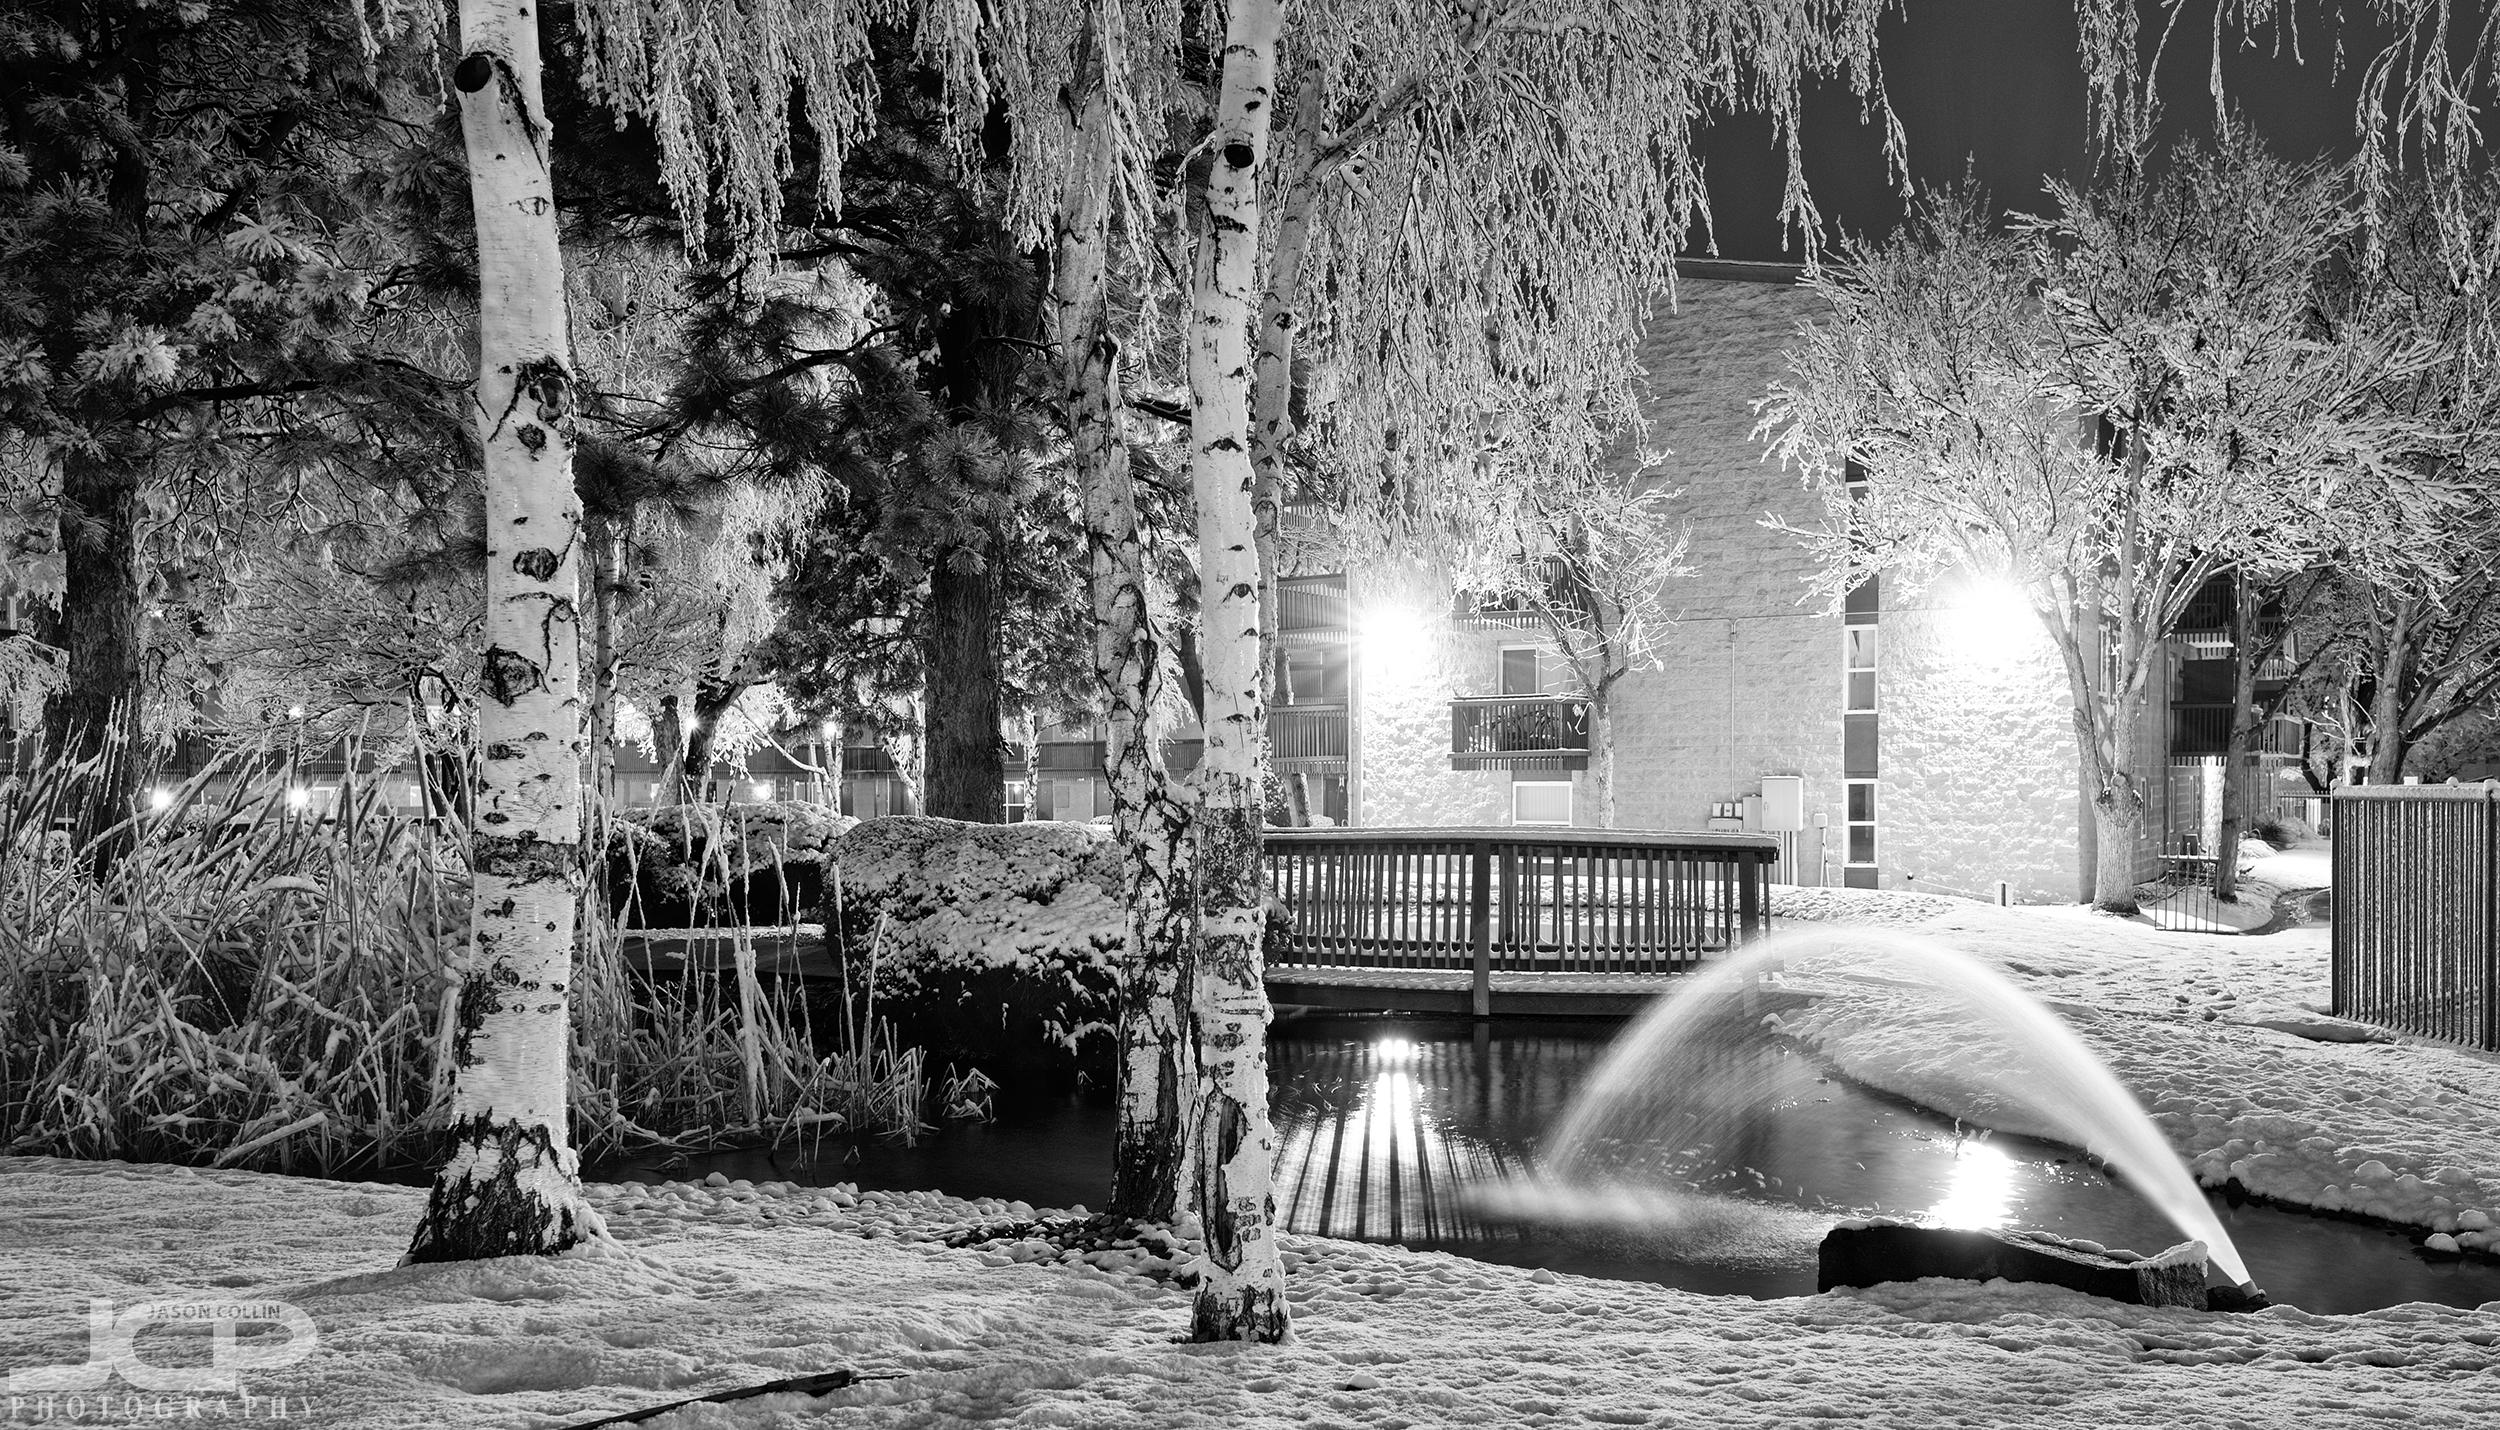 snow-2-22-2019-abq-121424.jpg